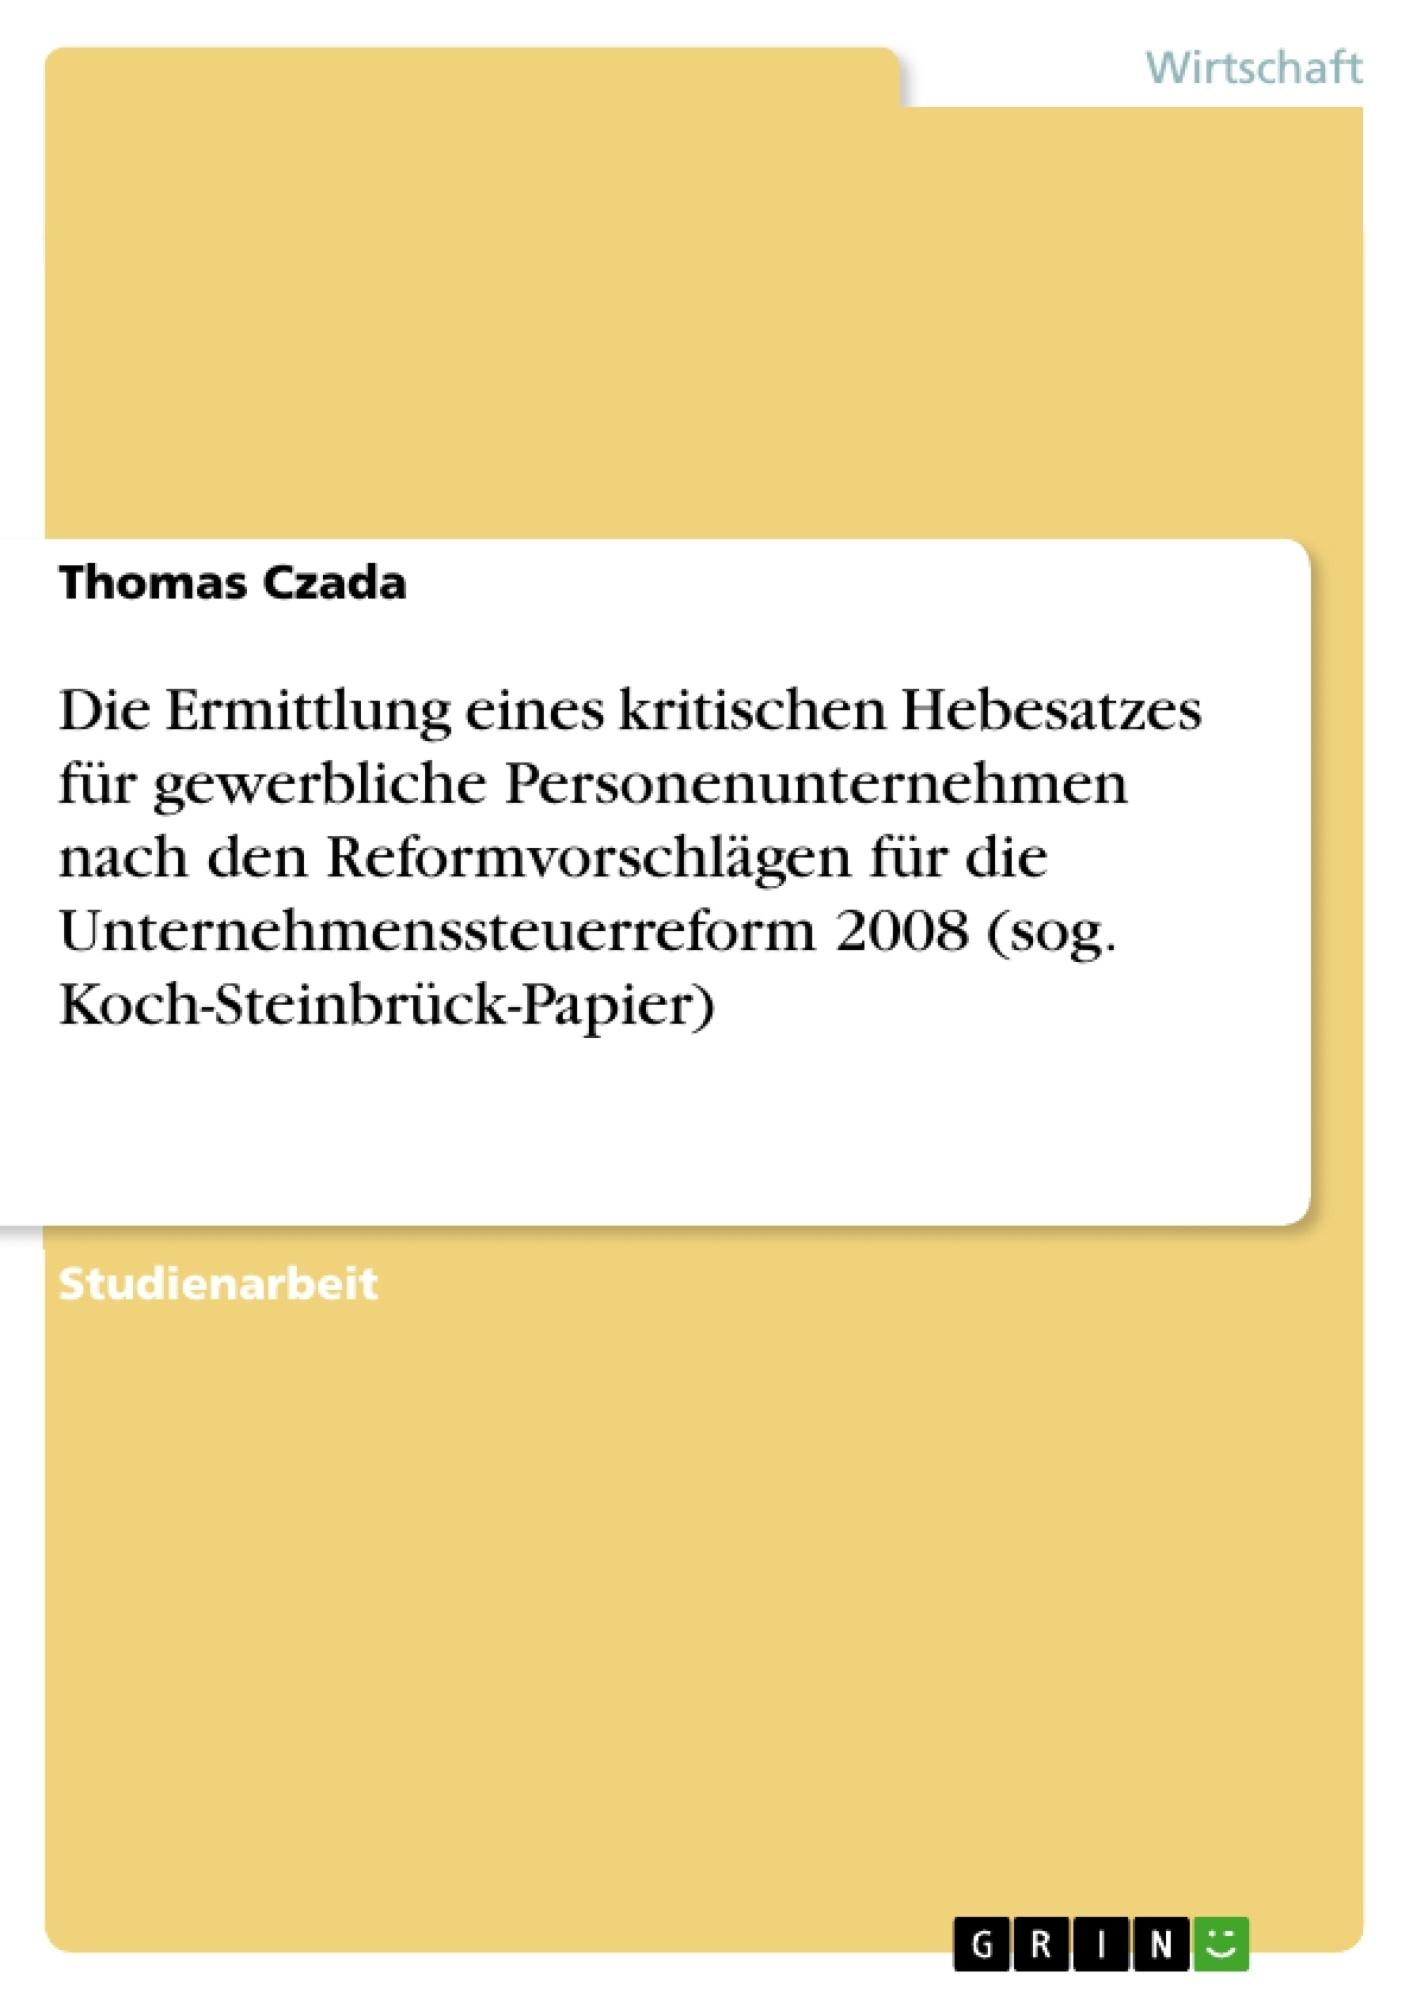 Titel: Die Ermittlung eines kritischen Hebesatzes für gewerbliche Personenunternehmen nach den Reformvorschlägen für die Unternehmenssteuerreform 2008 (sog. Koch-Steinbrück-Papier)